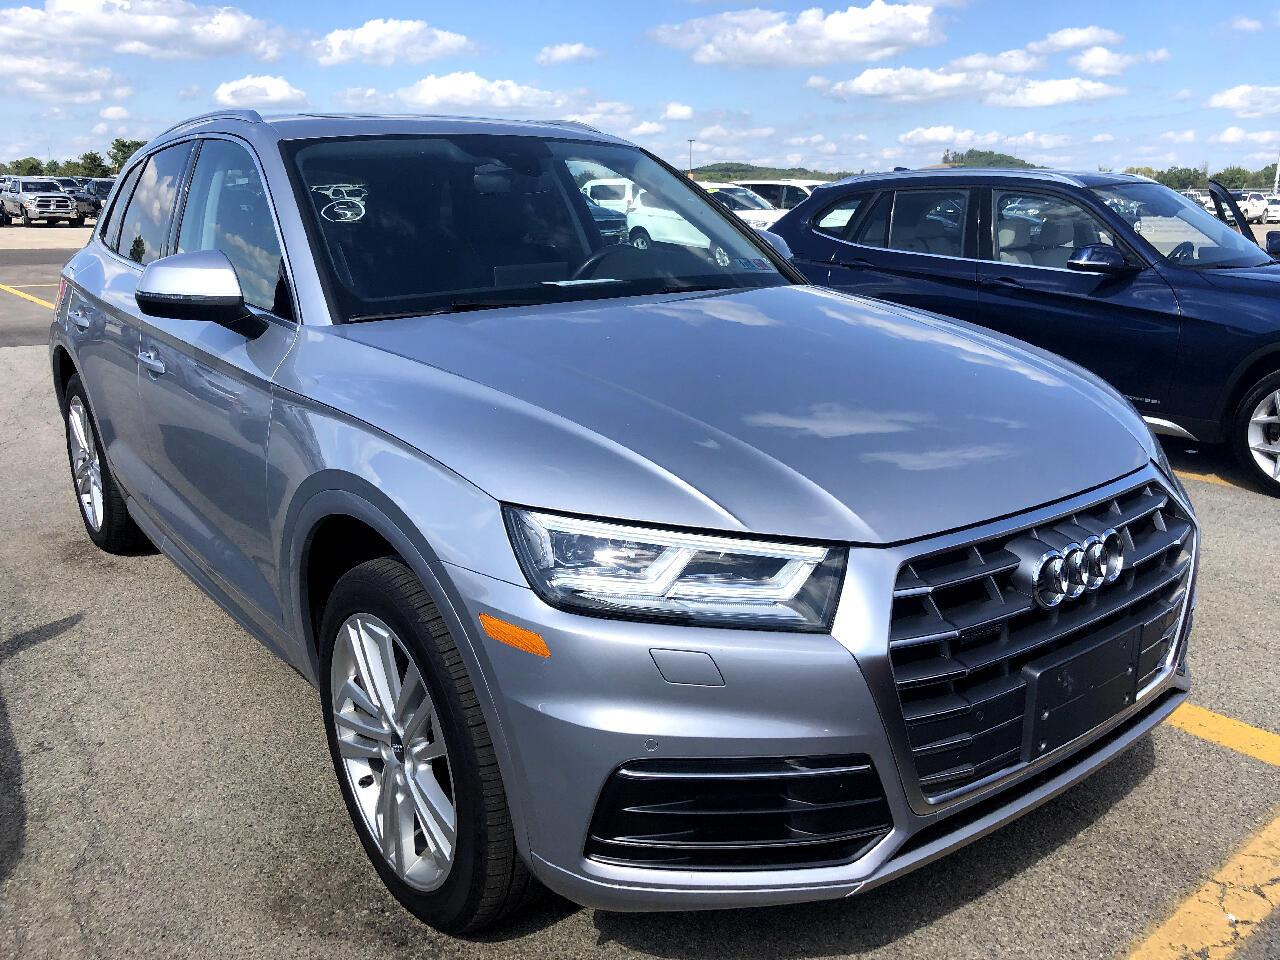 Audi Q5 2.0 TFSI Tech Premium Plus 2018